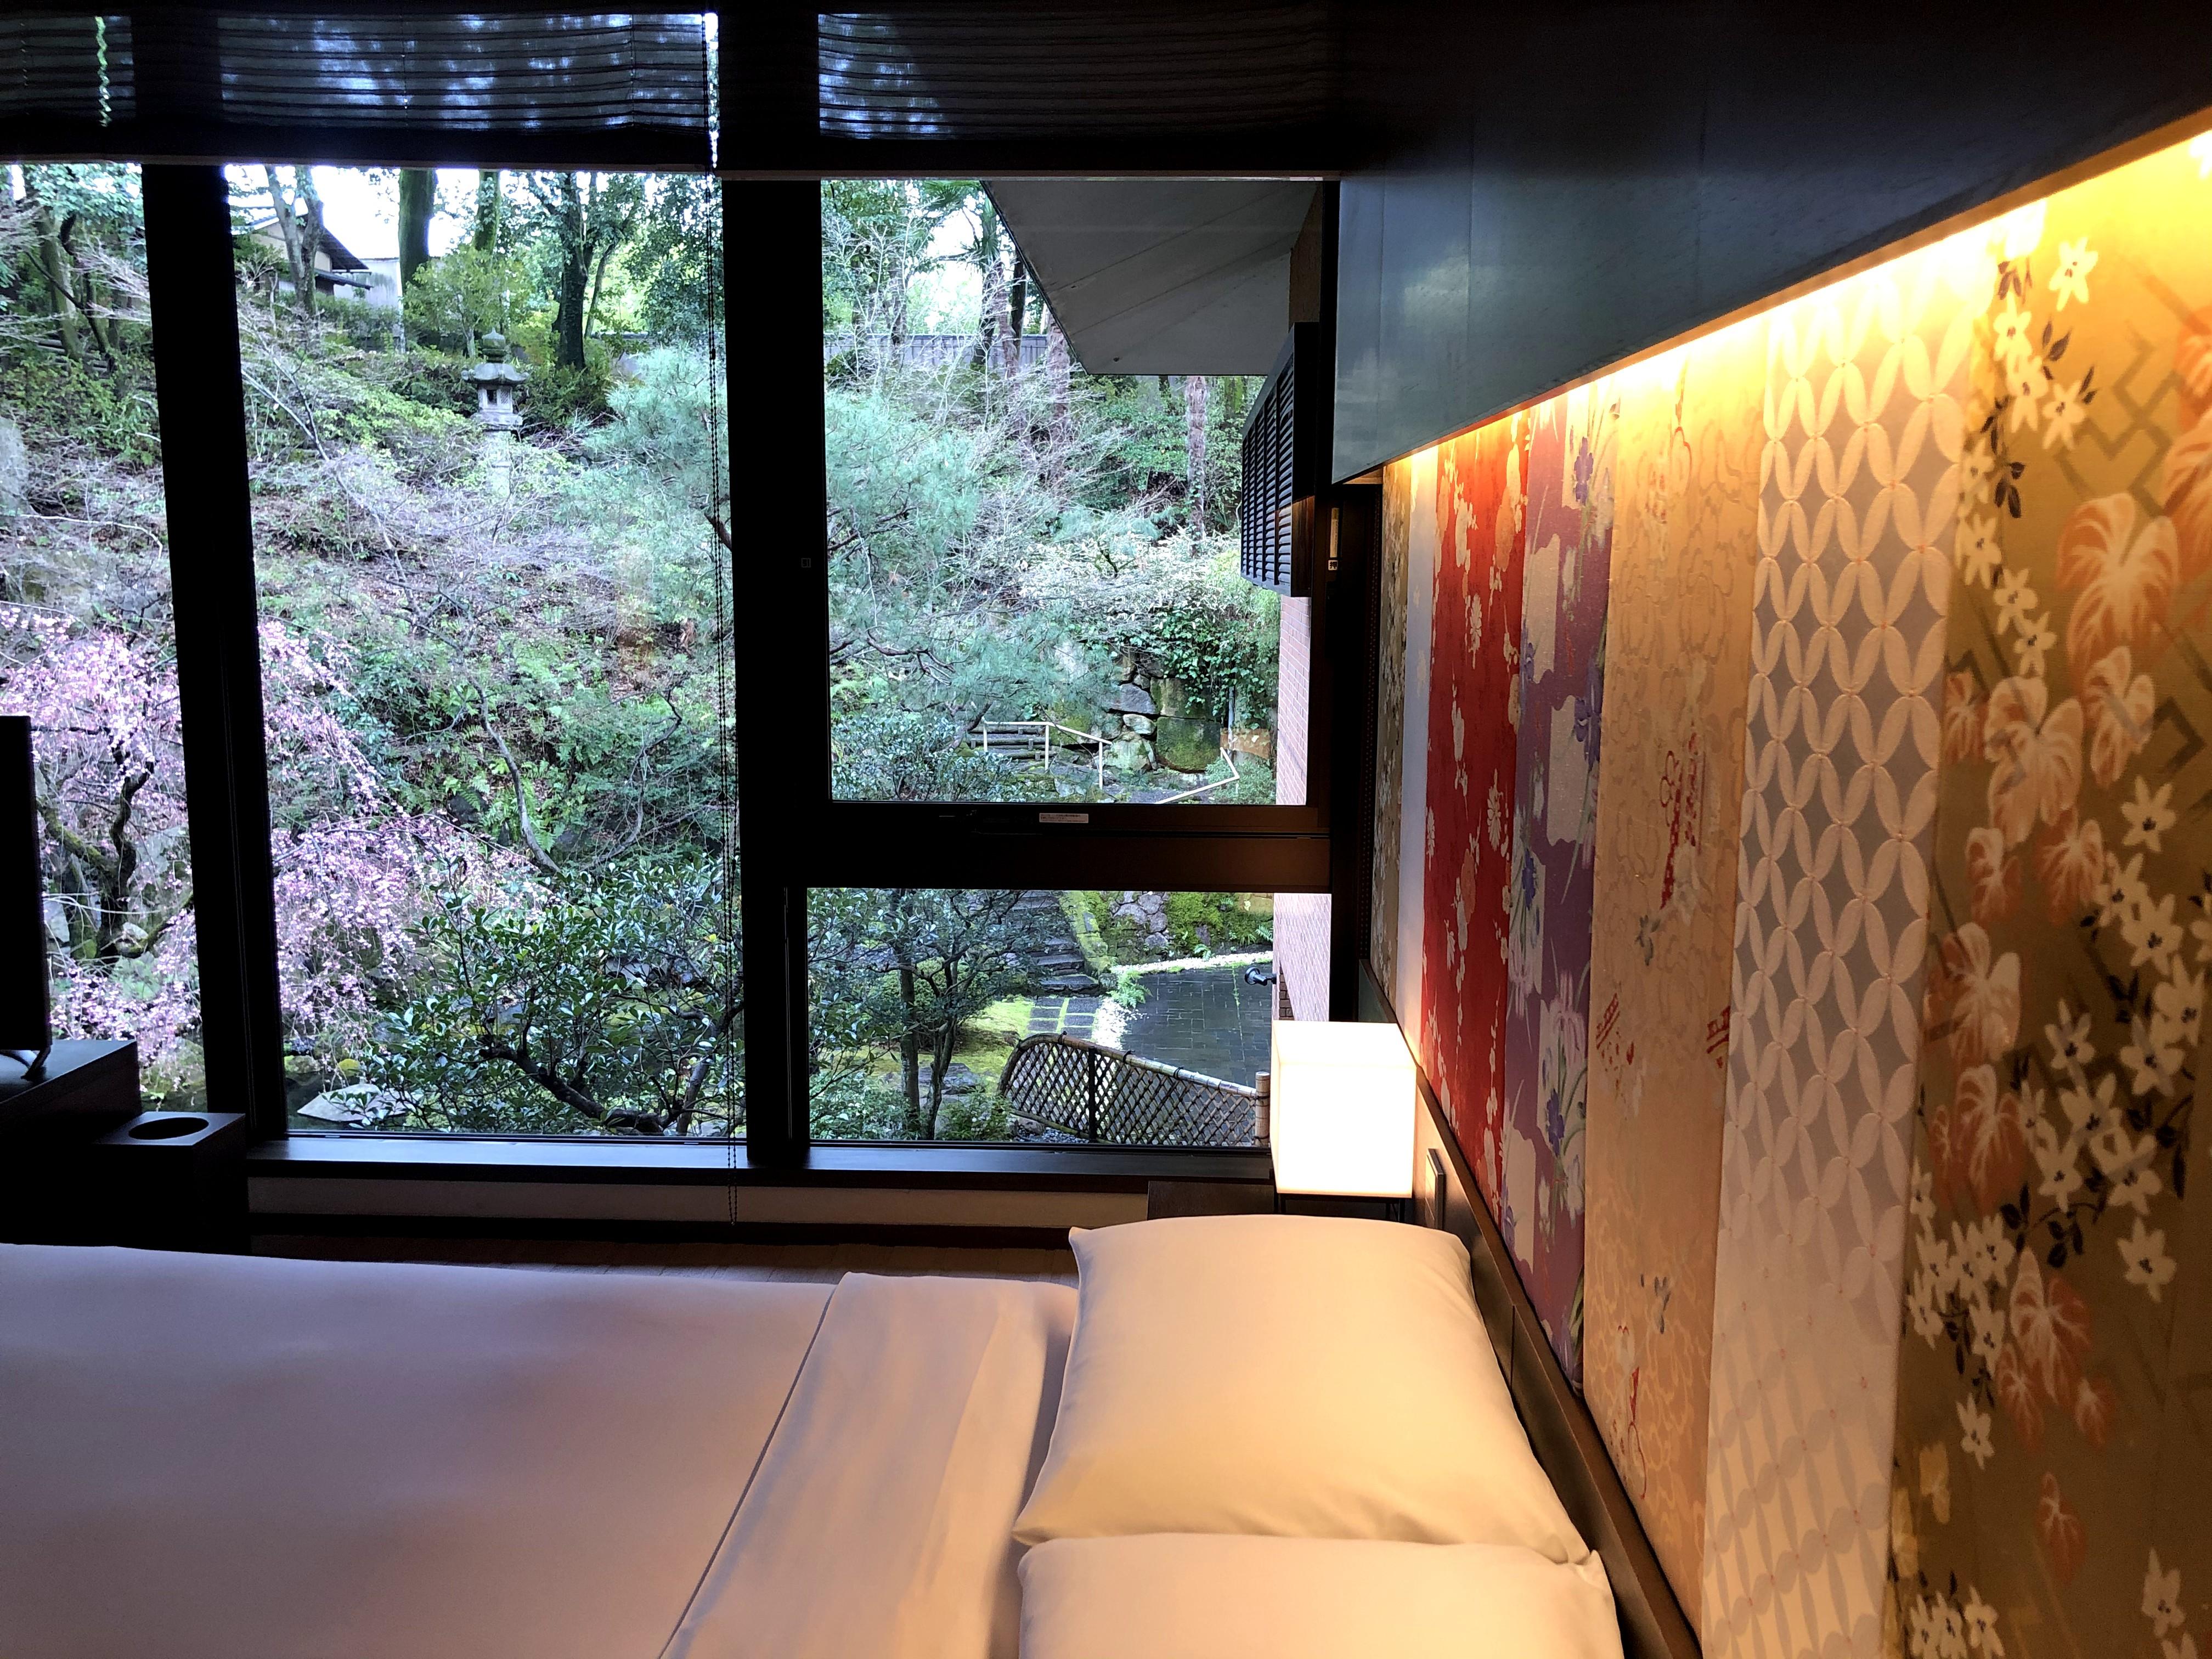 ハイアット ライフタイムグローバリストへの道#66(ハイアットリージェンシー京都  リージェンシー エグゼクティブスイートキング(Hyatt Regency Kyoto Regency Executive Suite King Room)